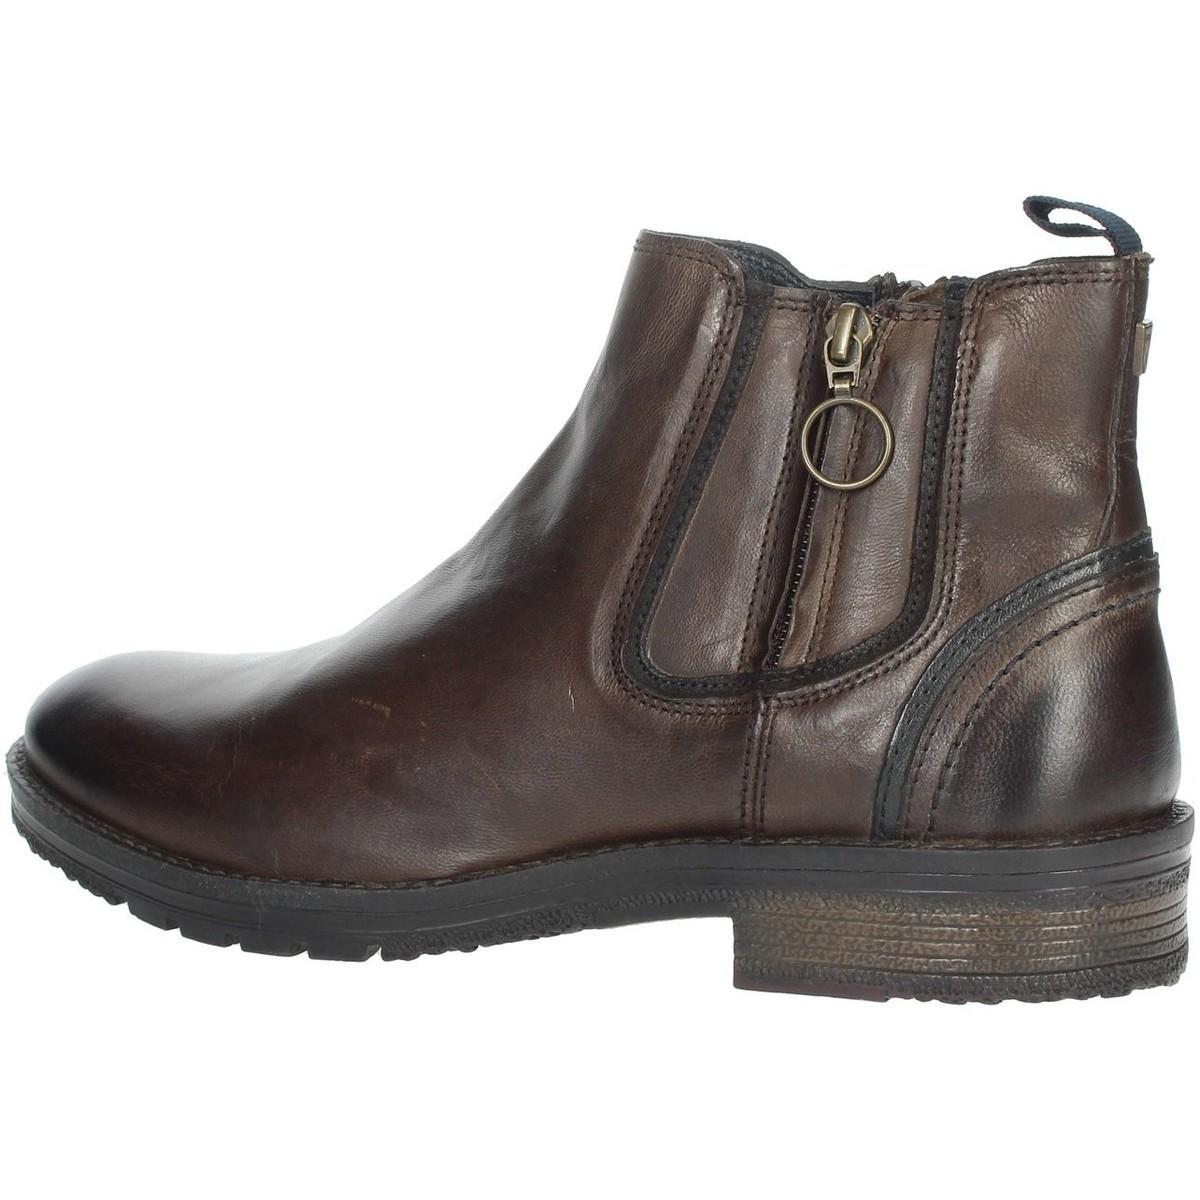 Wrangler Laarzen Wm92061a in het Bruin voor heren